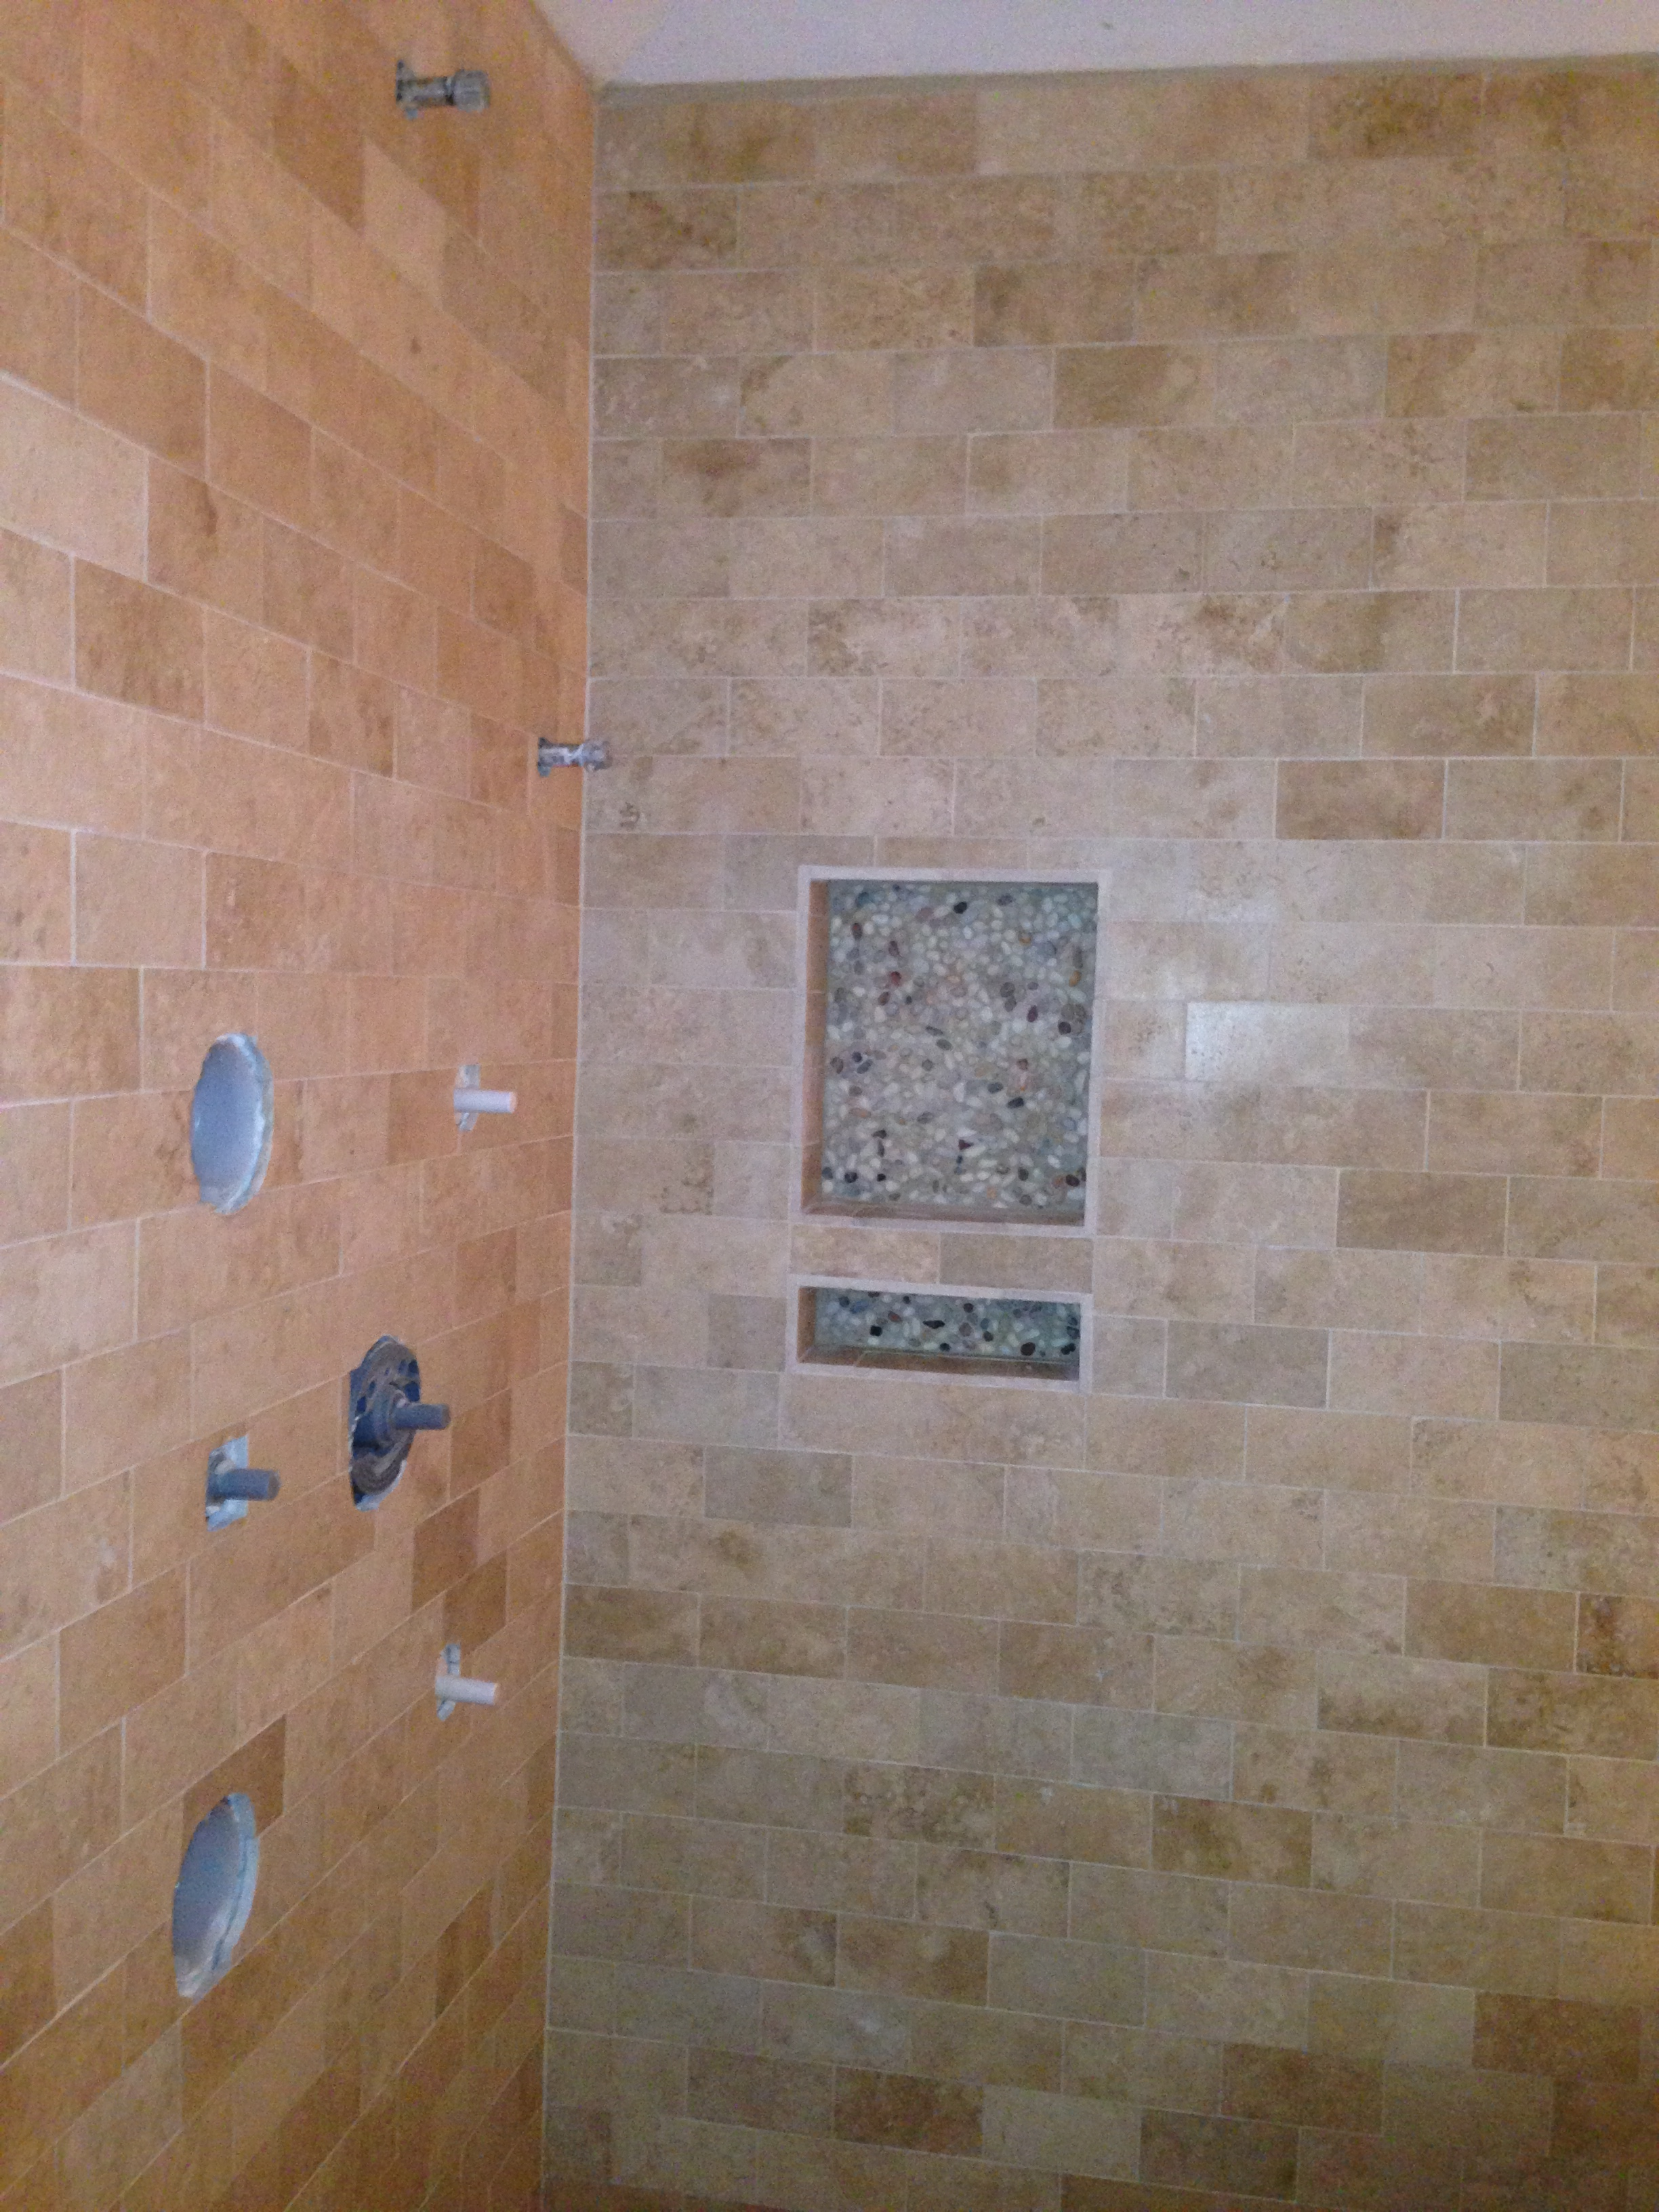 Bathe Safe Walk In Bathtubs Shower Remodel Suffolk Bathe Safe Walk In Bathtubs